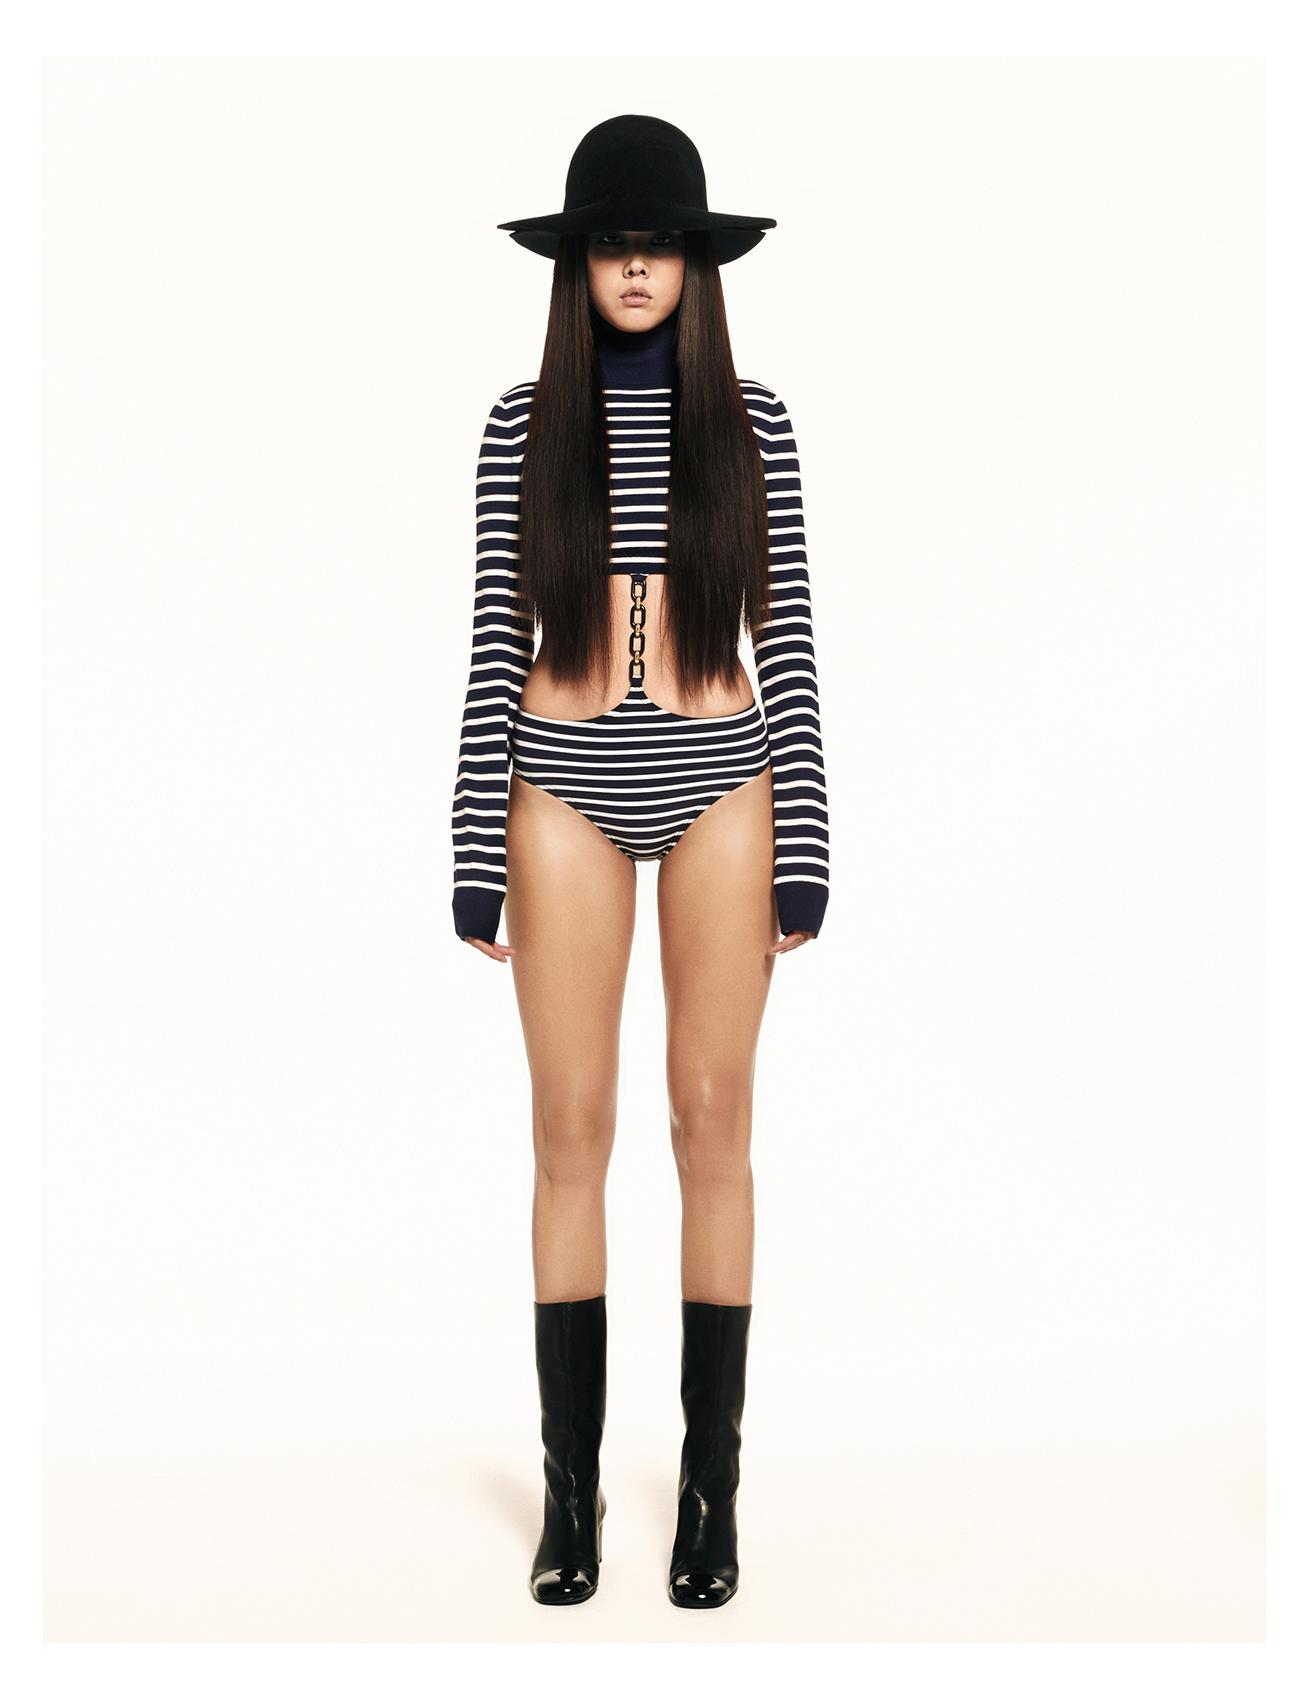 체인이 장식된 스트라이프 패턴 수영복,  터틀넥 톱, 부츠는 모두 가격 미정으로  Michael Kors Collection 제품.